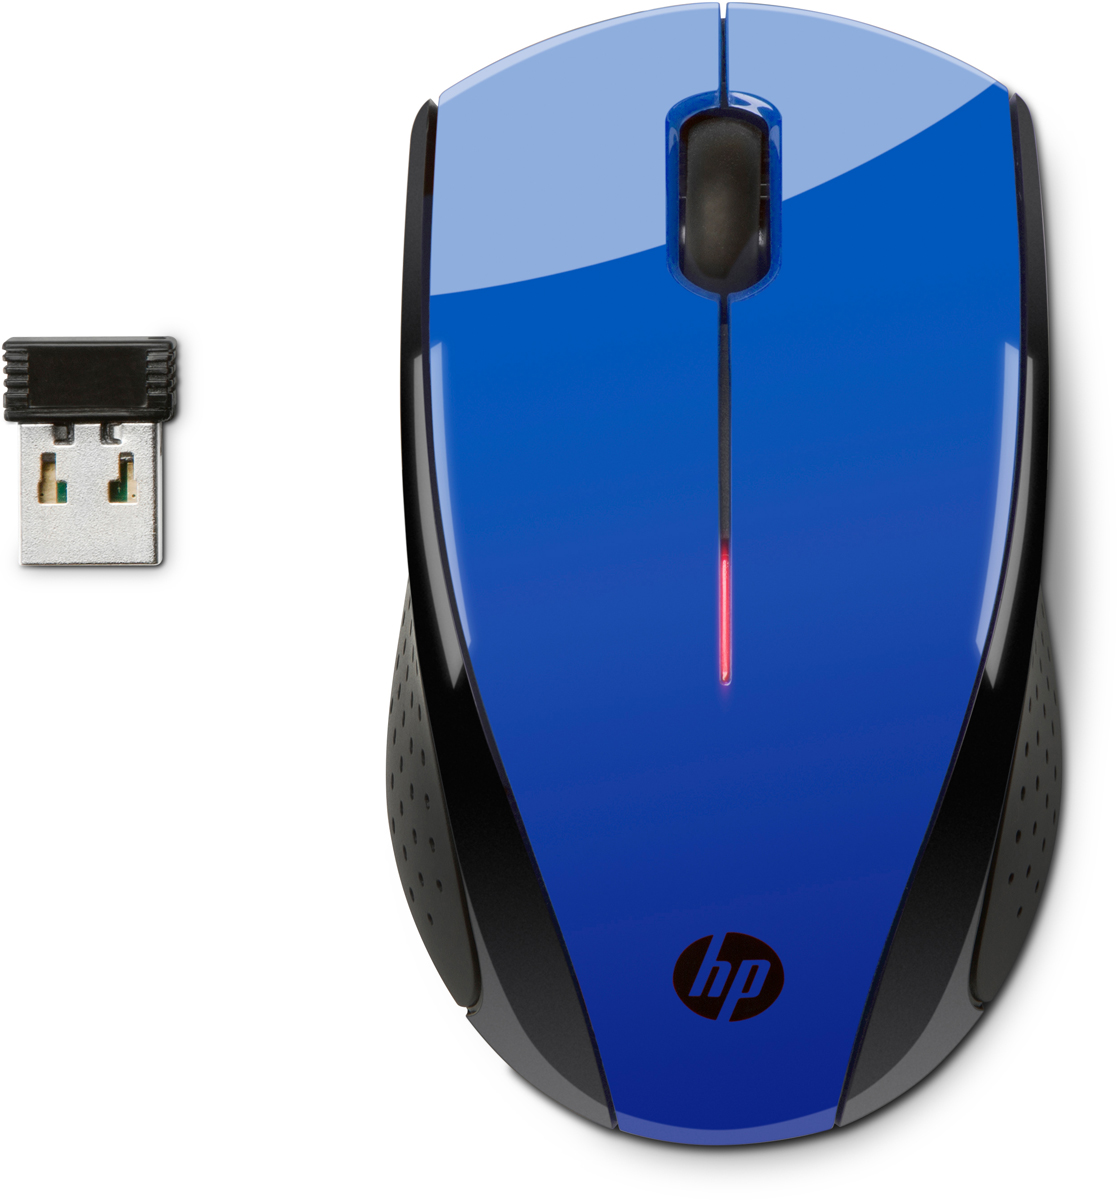 HP X3000, Cobalt Blue мышьn4g63aaЭлегантная и современная мышь HP X3000 немедленно придаст самый стильный вид любому рабочему месту. Глянцевая черная и металлическая серая отделка придает изысканности. Кроме того, изогнутый силуэт создает притягательное впечатление.Беспроводная мышь HP X3000 оснащена всеми новейшими технологиями, которые могут быть вам необходимы. Беспроводное соединение 2,4 ГГц позволит ощутить настоящую свободу. Срок службы батареи до 12 месяцев. Колесо прокрутки позволяет перемещаться по веб-страницам и документам мгновенно. Оптический датчик работает на различных поверхностях.